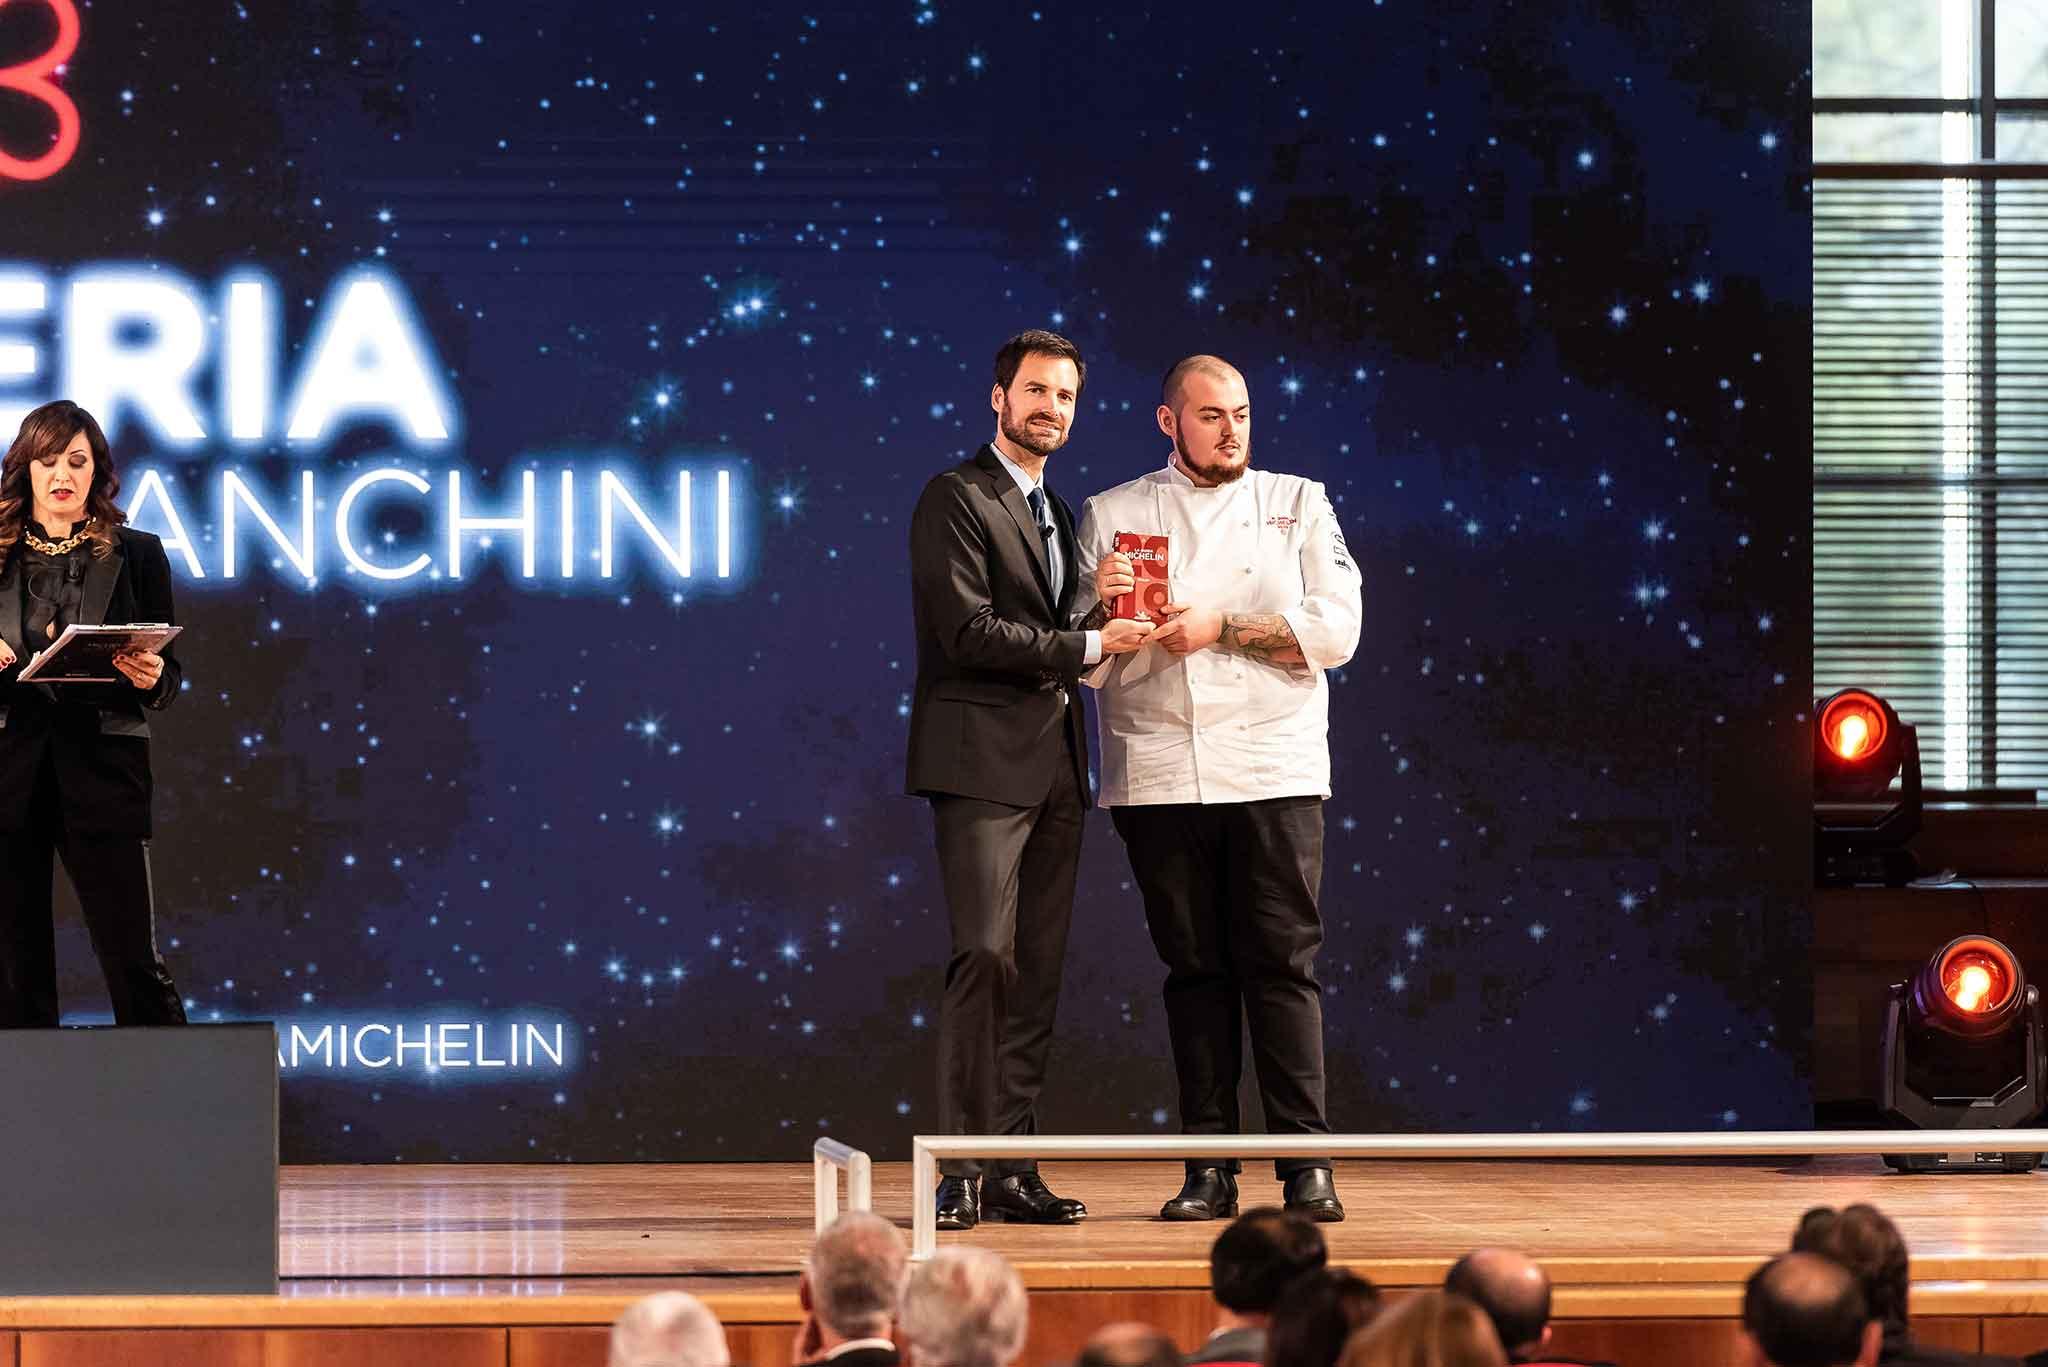 La Credenza Stella Michelin : Guida michelin tutti i numeri e le stelle regione per